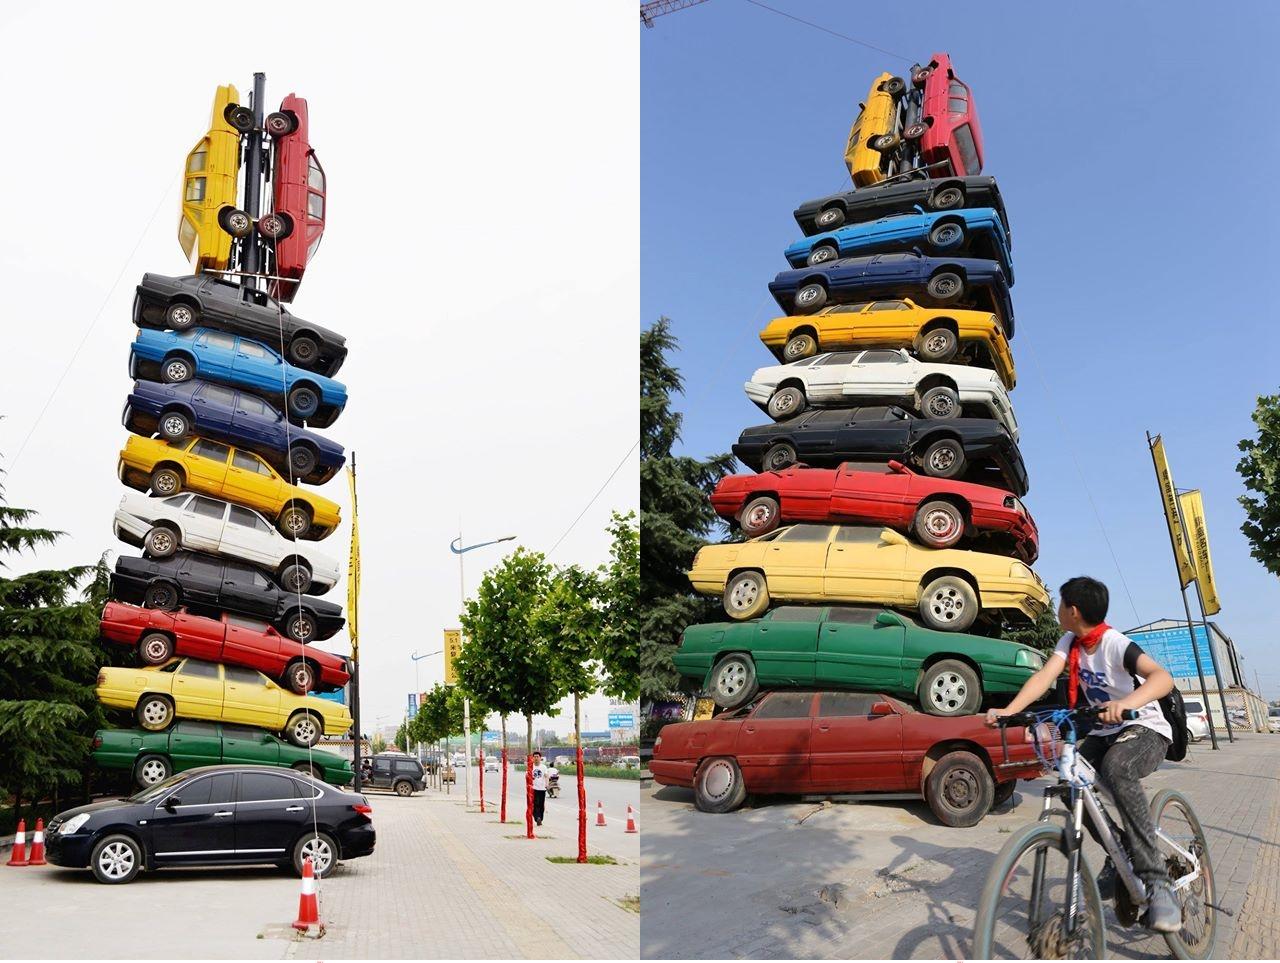 Tumpuk mobil setinggi 15 meter demi gaet pelanggan, ada-ada saja